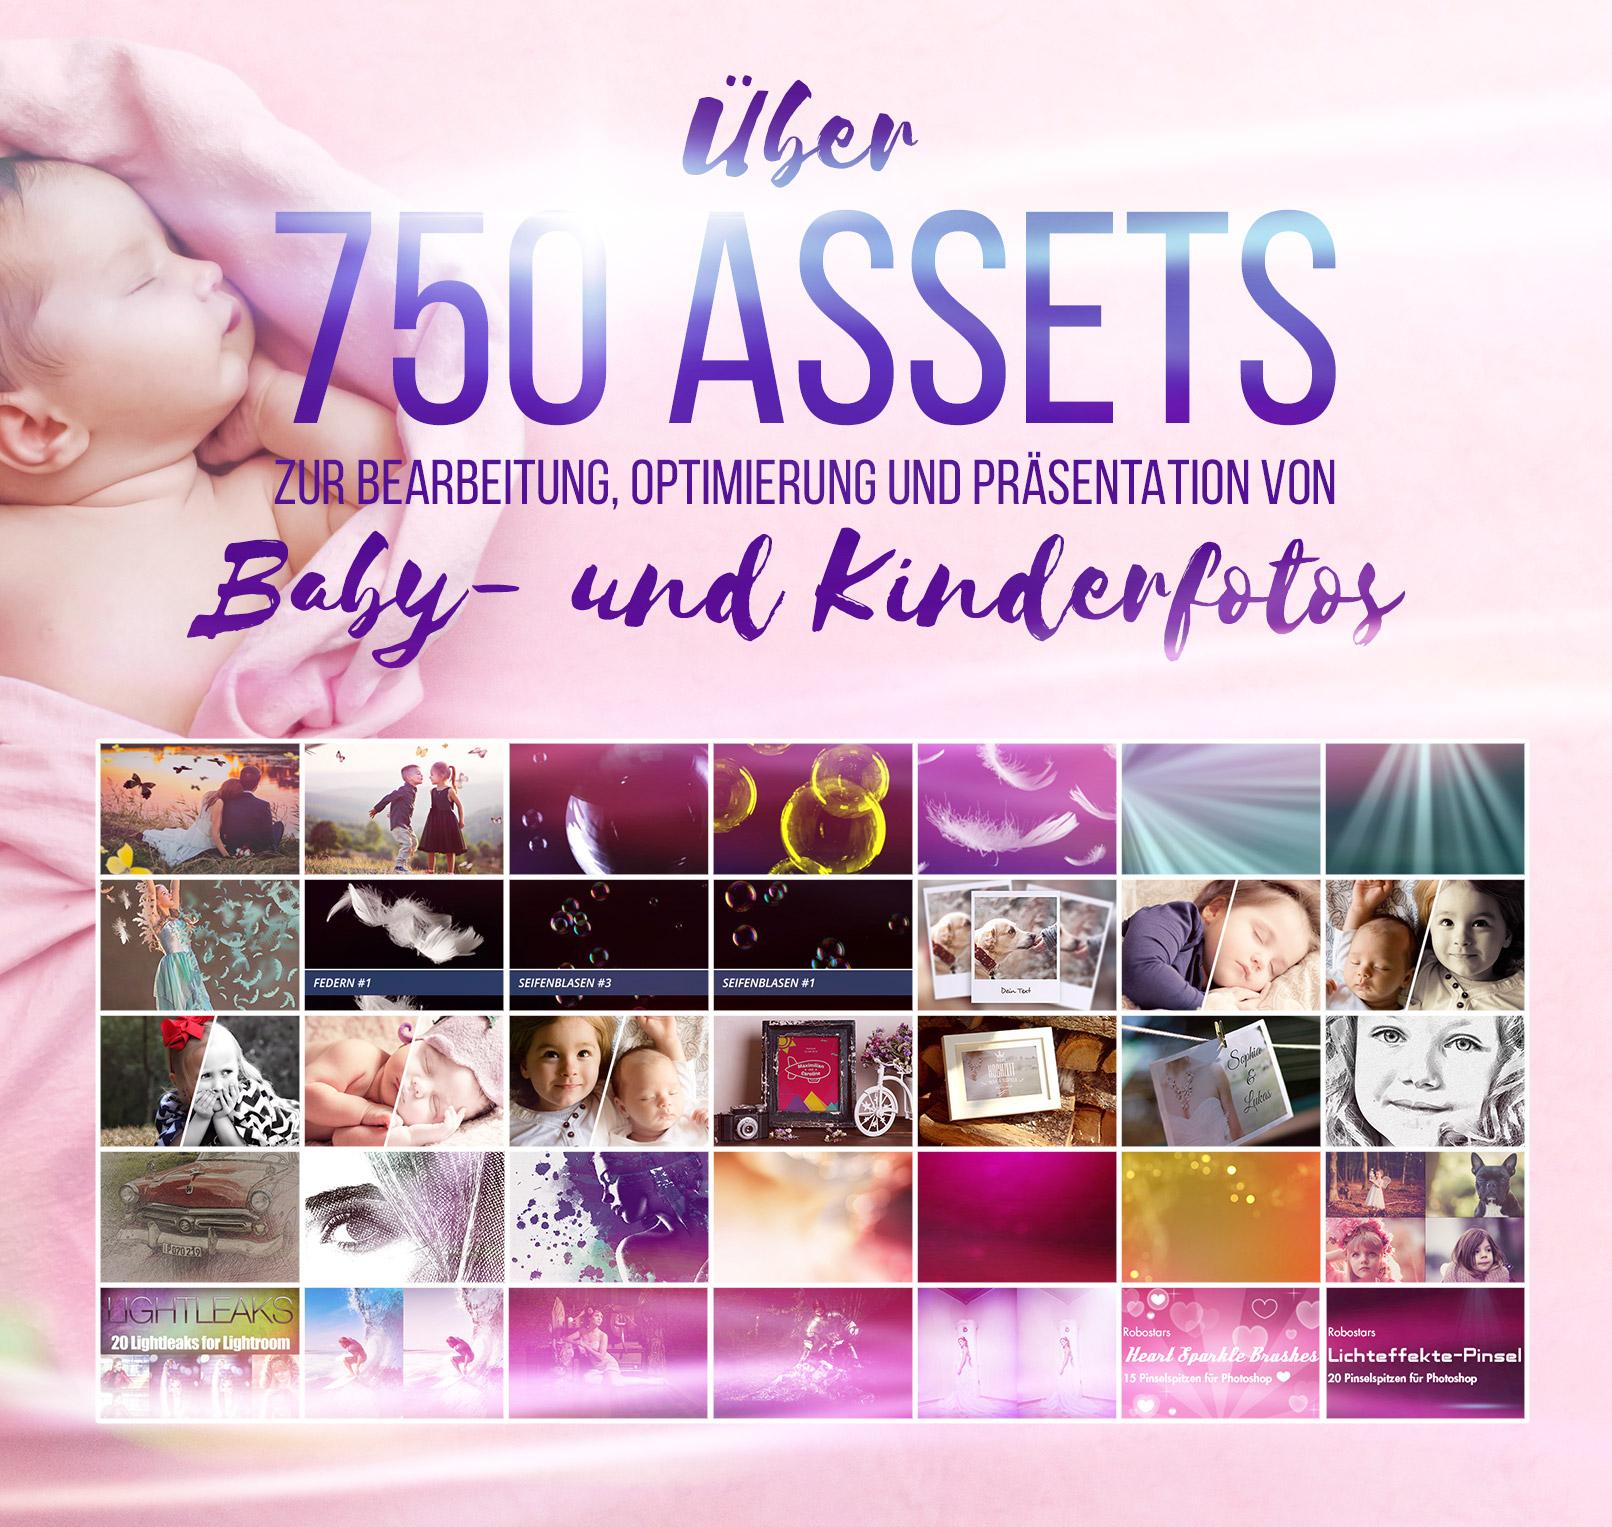 Beispiele des Pakets Baby- und Kinderfotografie: Presets, Texturen, Pinsel, Aktionen – 750 Assets für Kinderfotos